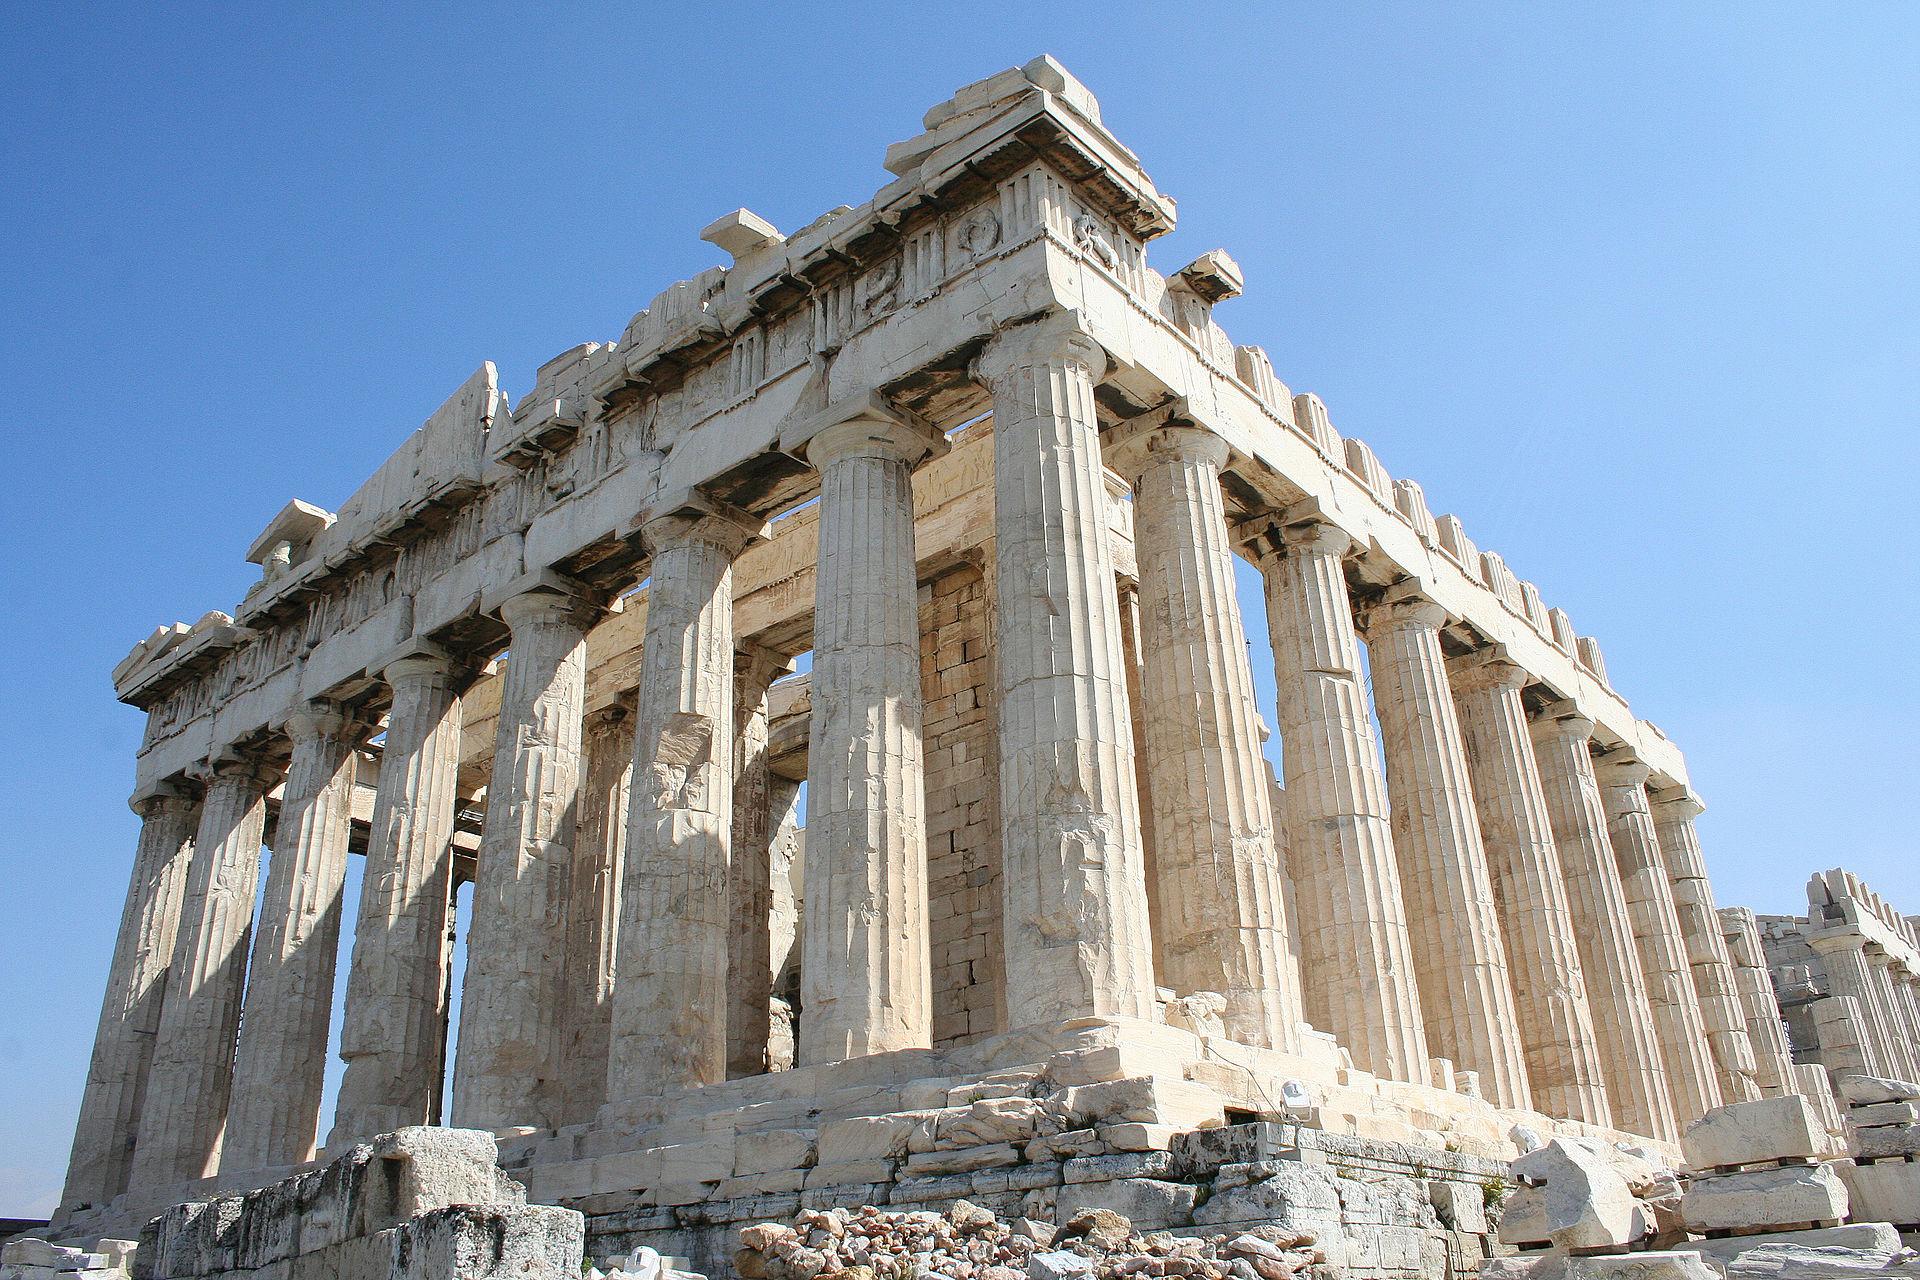 Mit AEGEAN Airlines günstig nach Athen